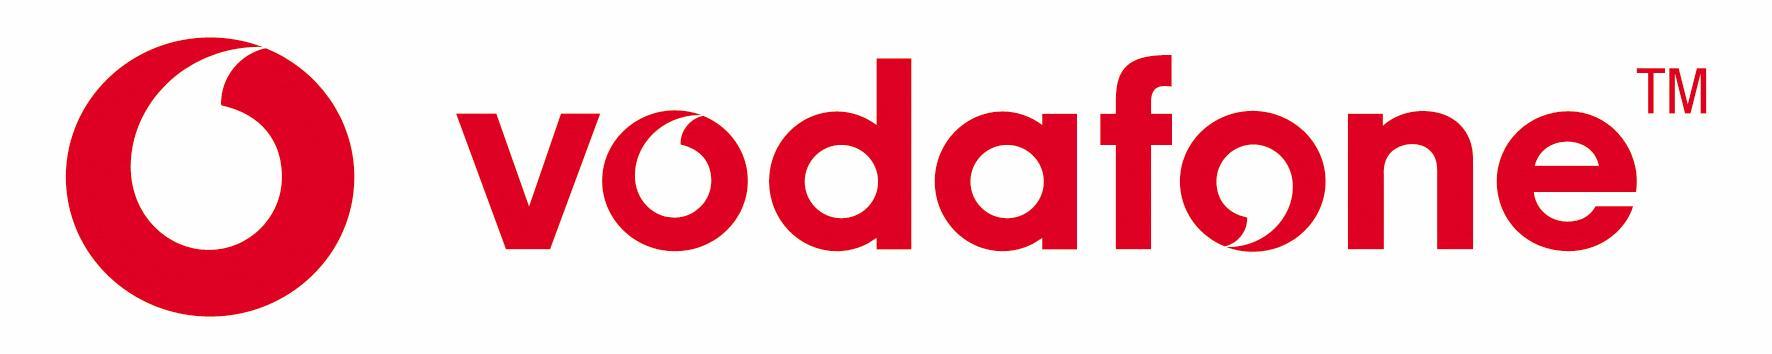 Vodafone LogoVodafone Logo